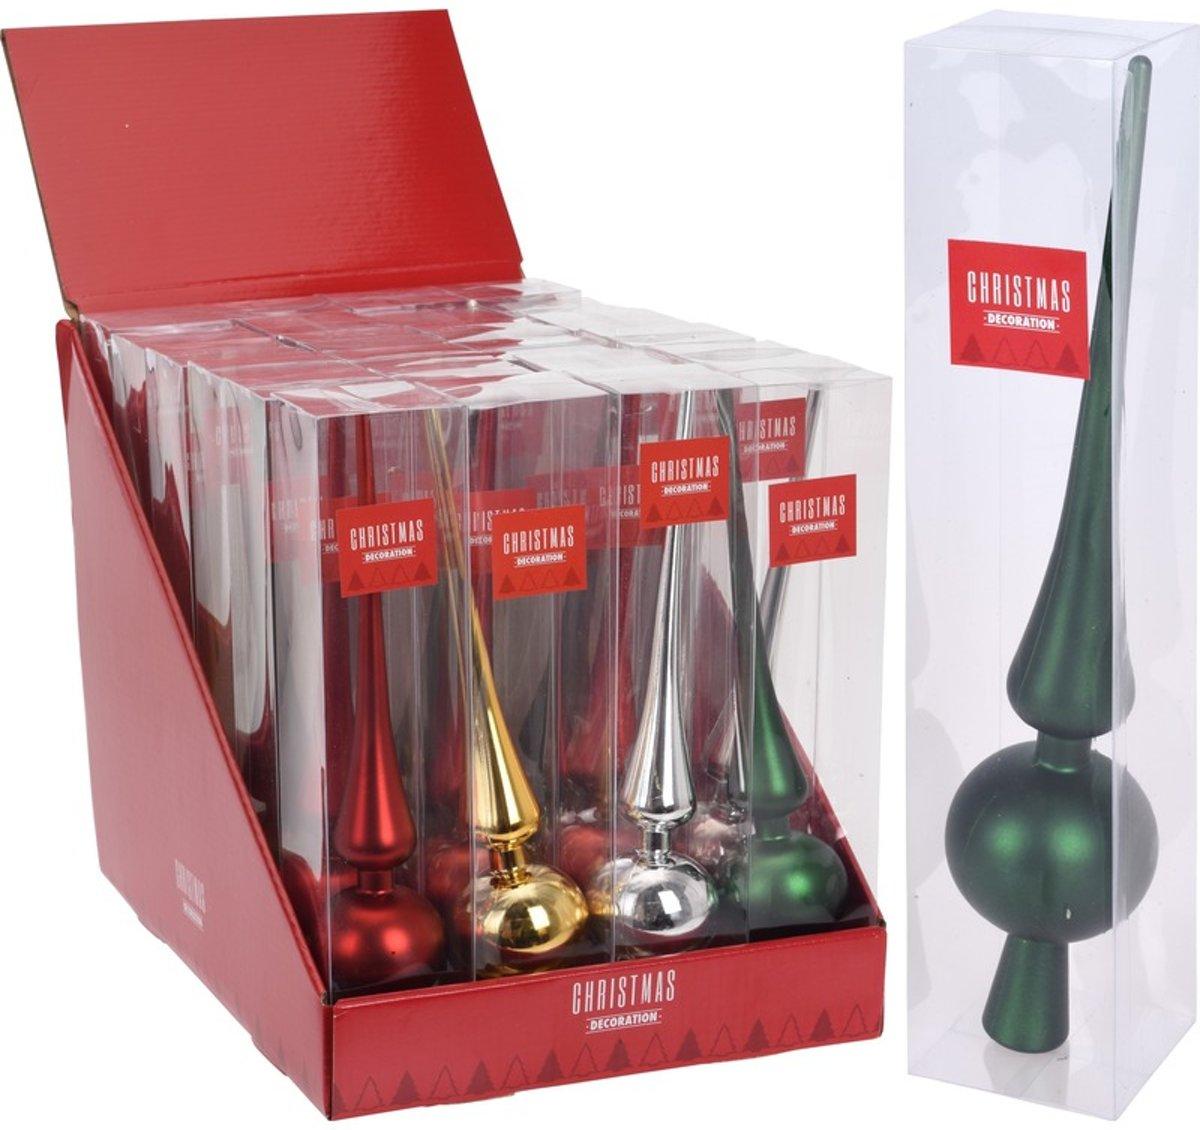 Gouden kerstboom piek 28 cm glans/glanzend - Kunststof/plastic - Onbreekbare kerstboomversieringen goud kopen